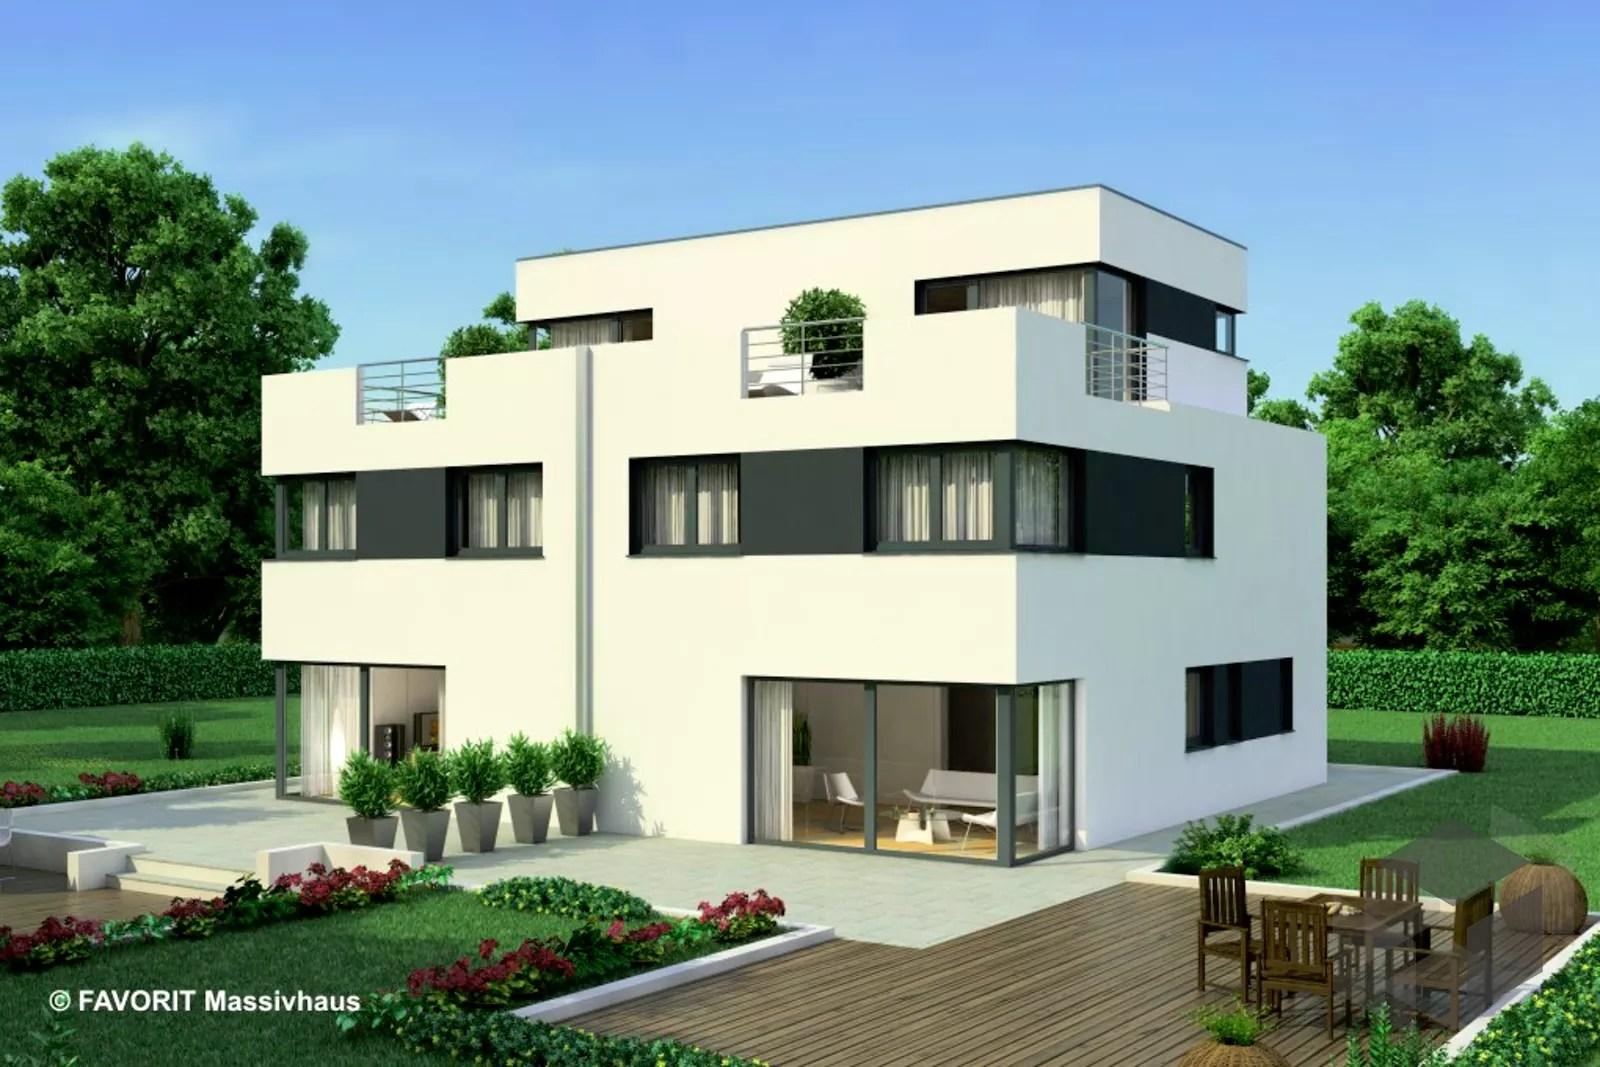 Finesse 166 Von Favorit Massivhaus | Komplette Datenübersicht